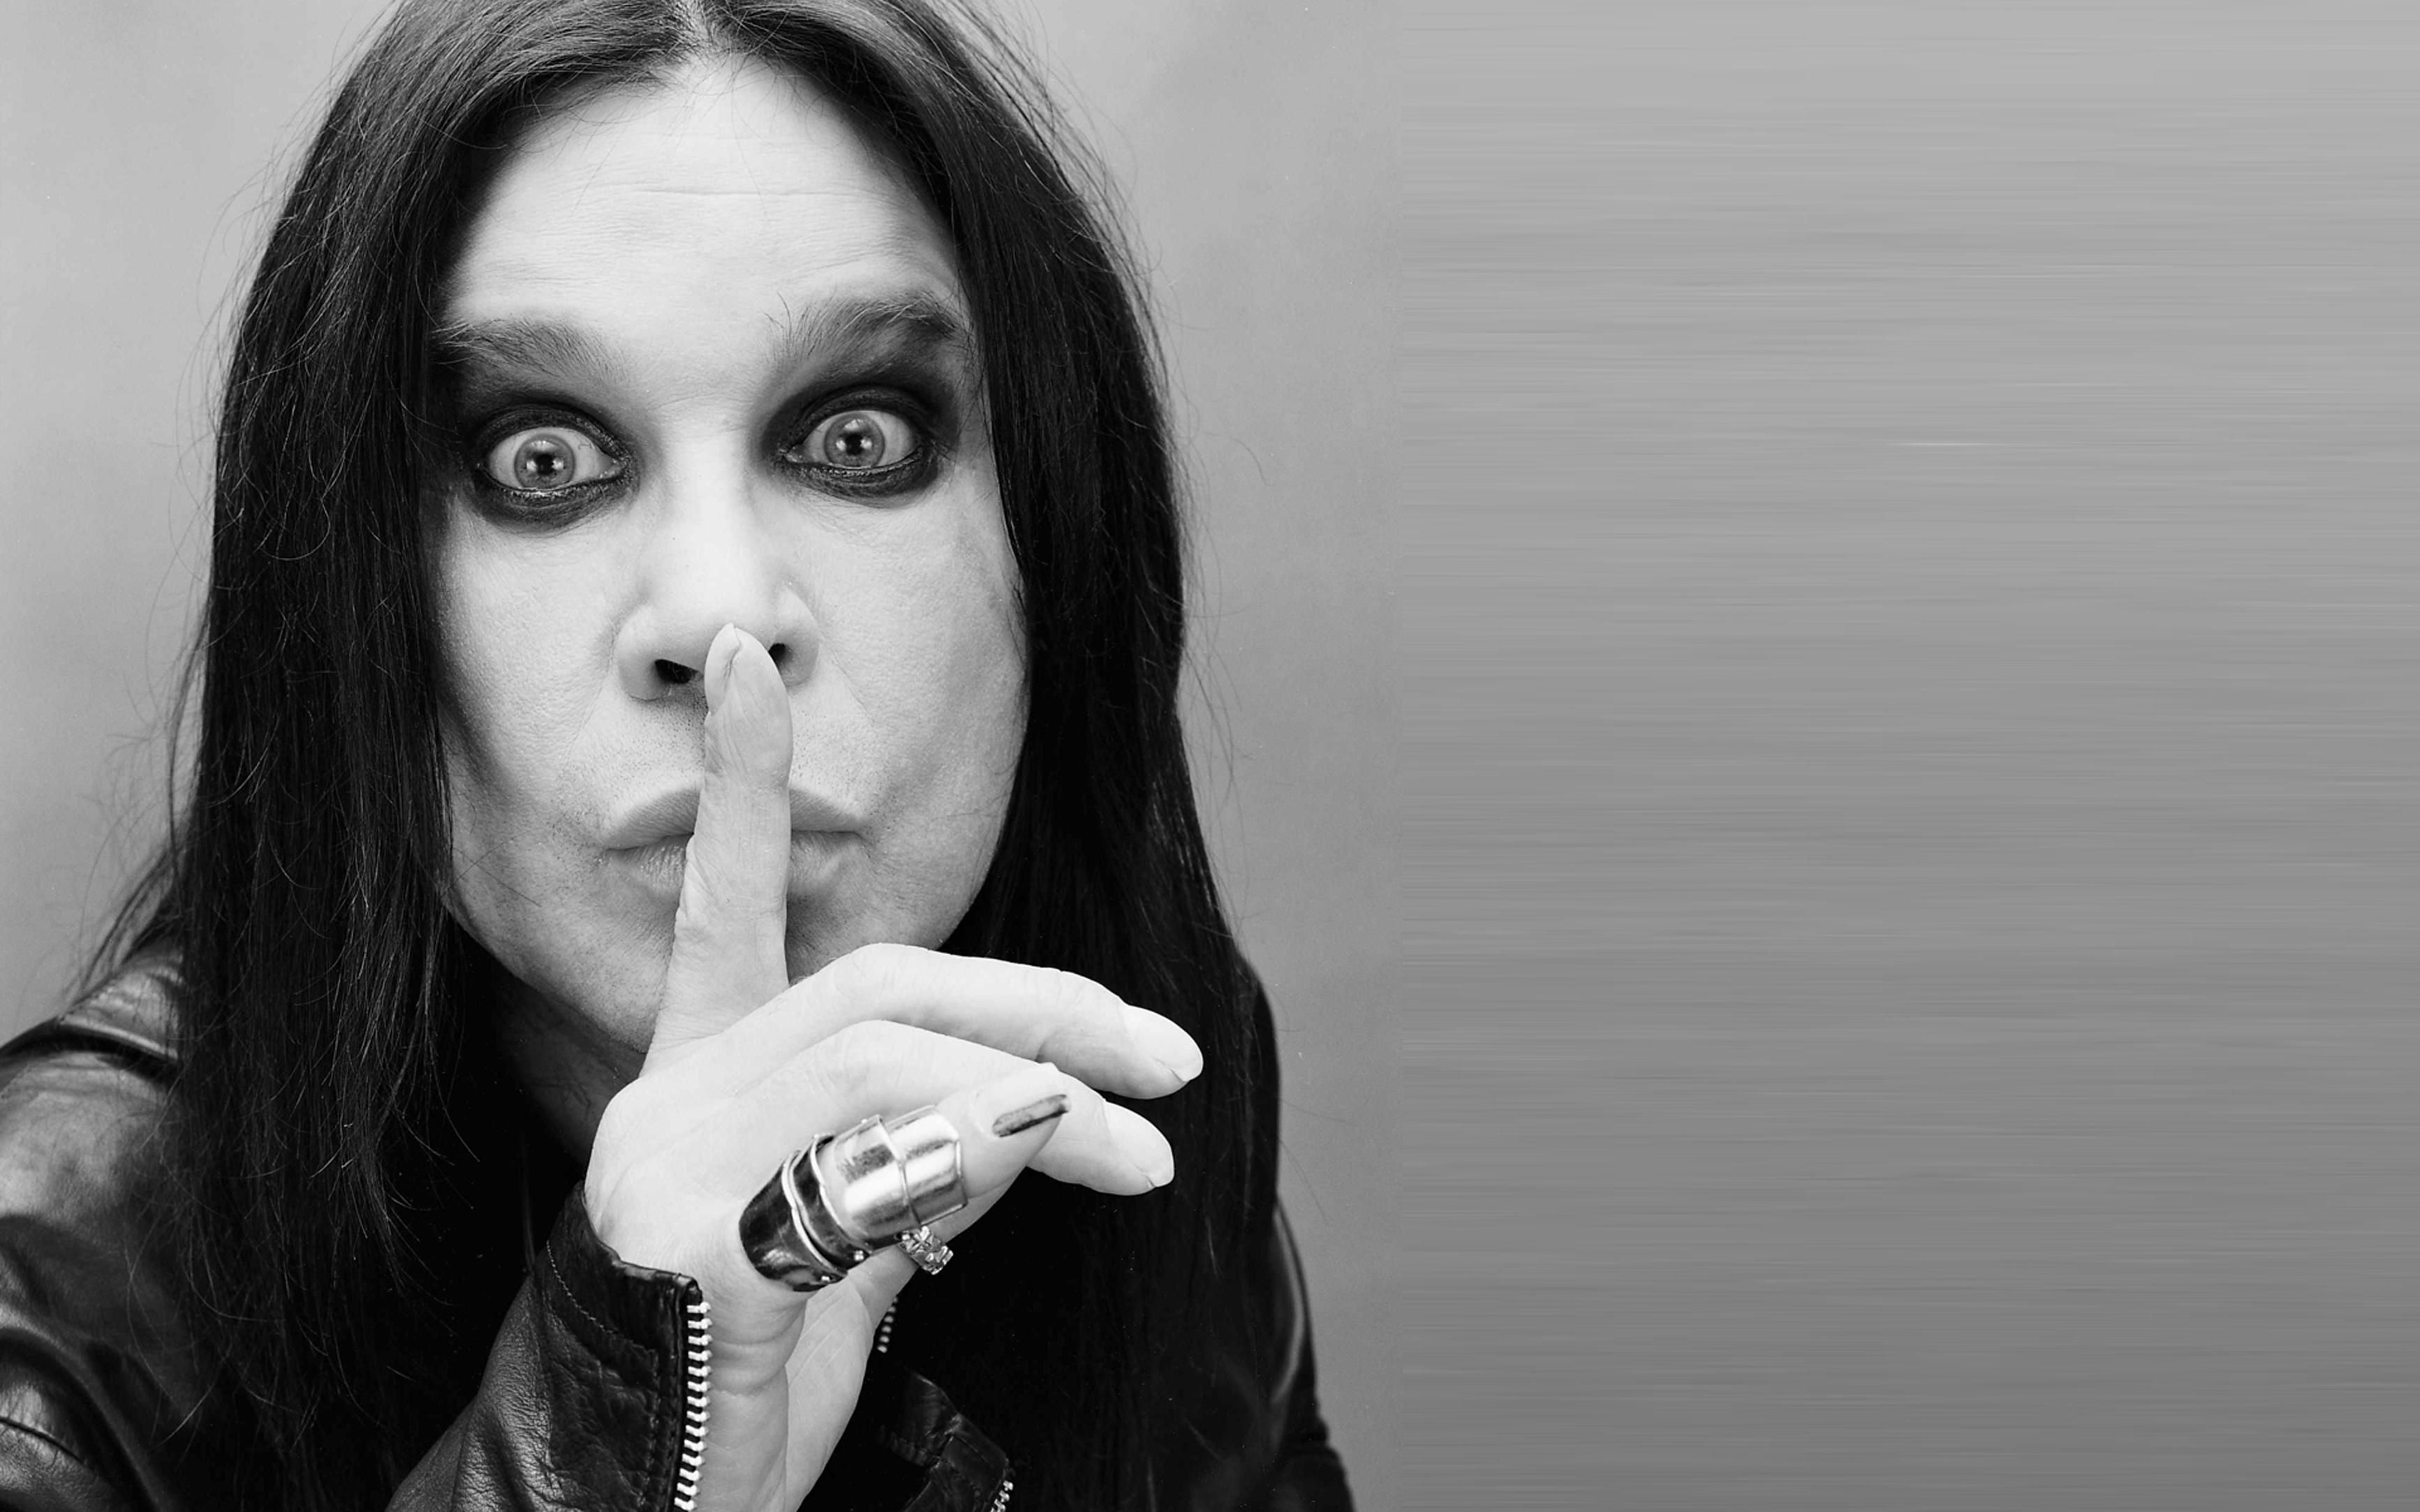 Alcune curiosità su Ozzy Osbourne